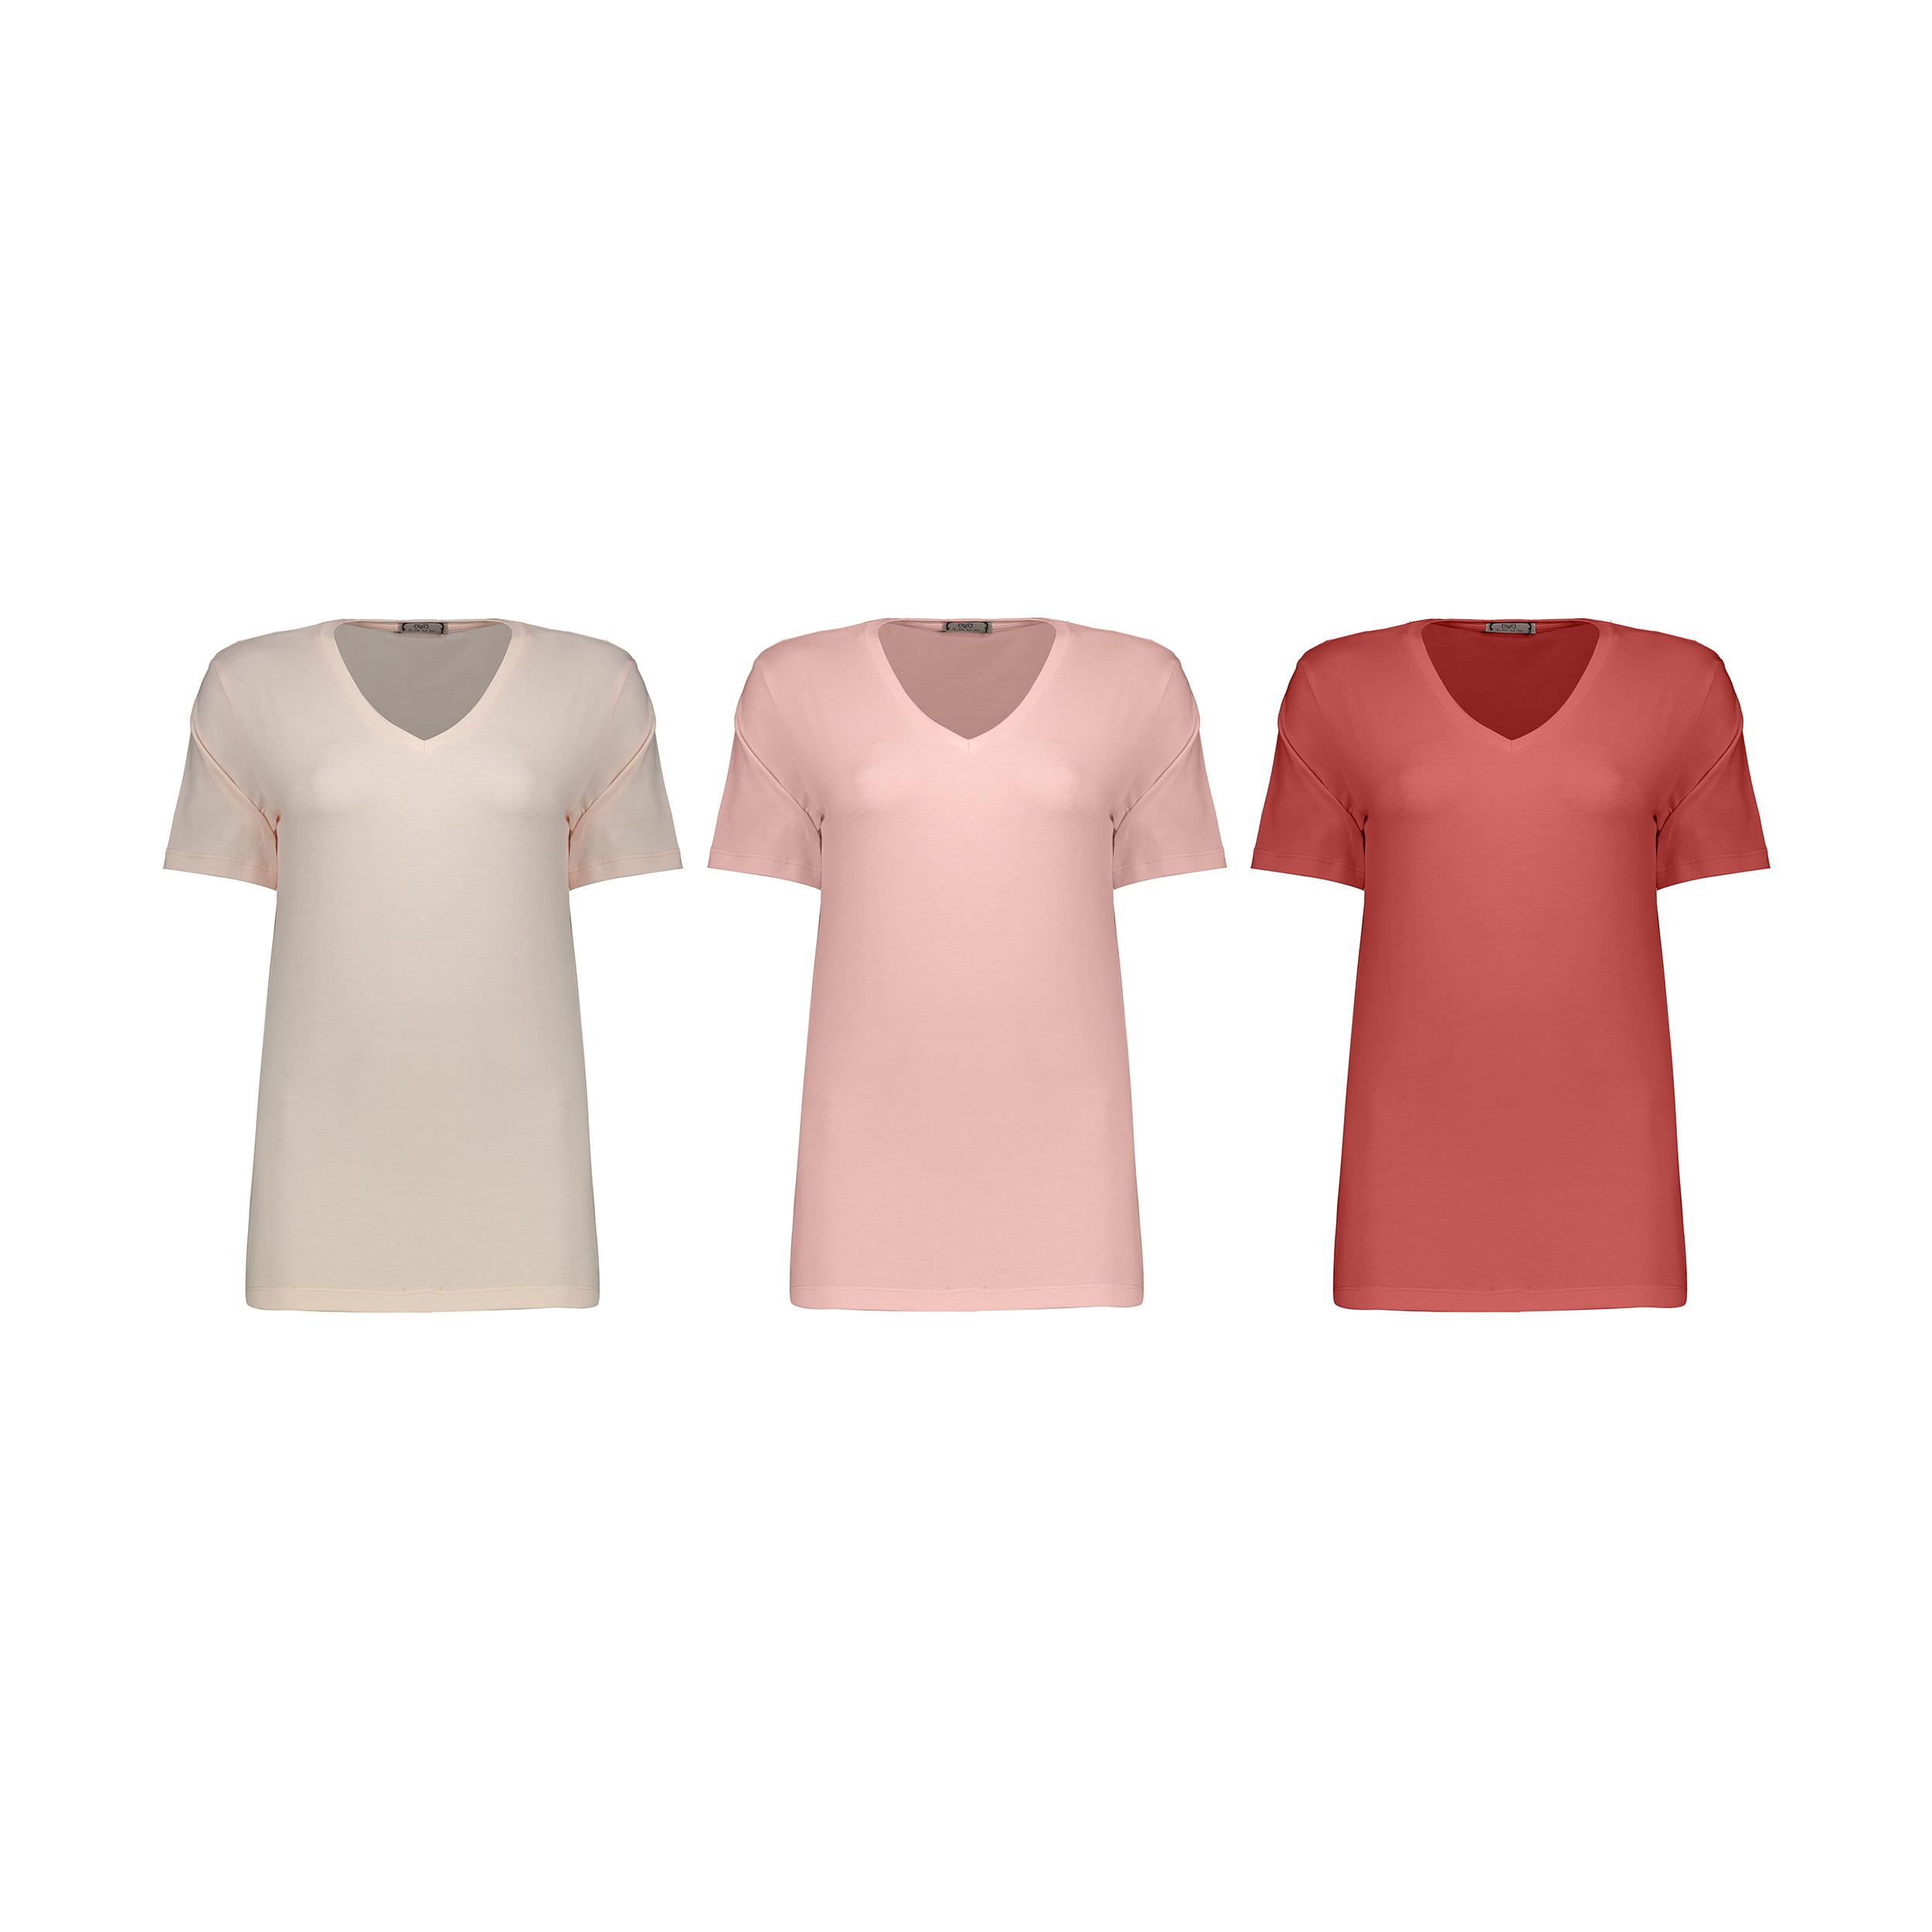 تصویر تی شرت زنانه مون مدل 1631150ML بسته 3 عددی